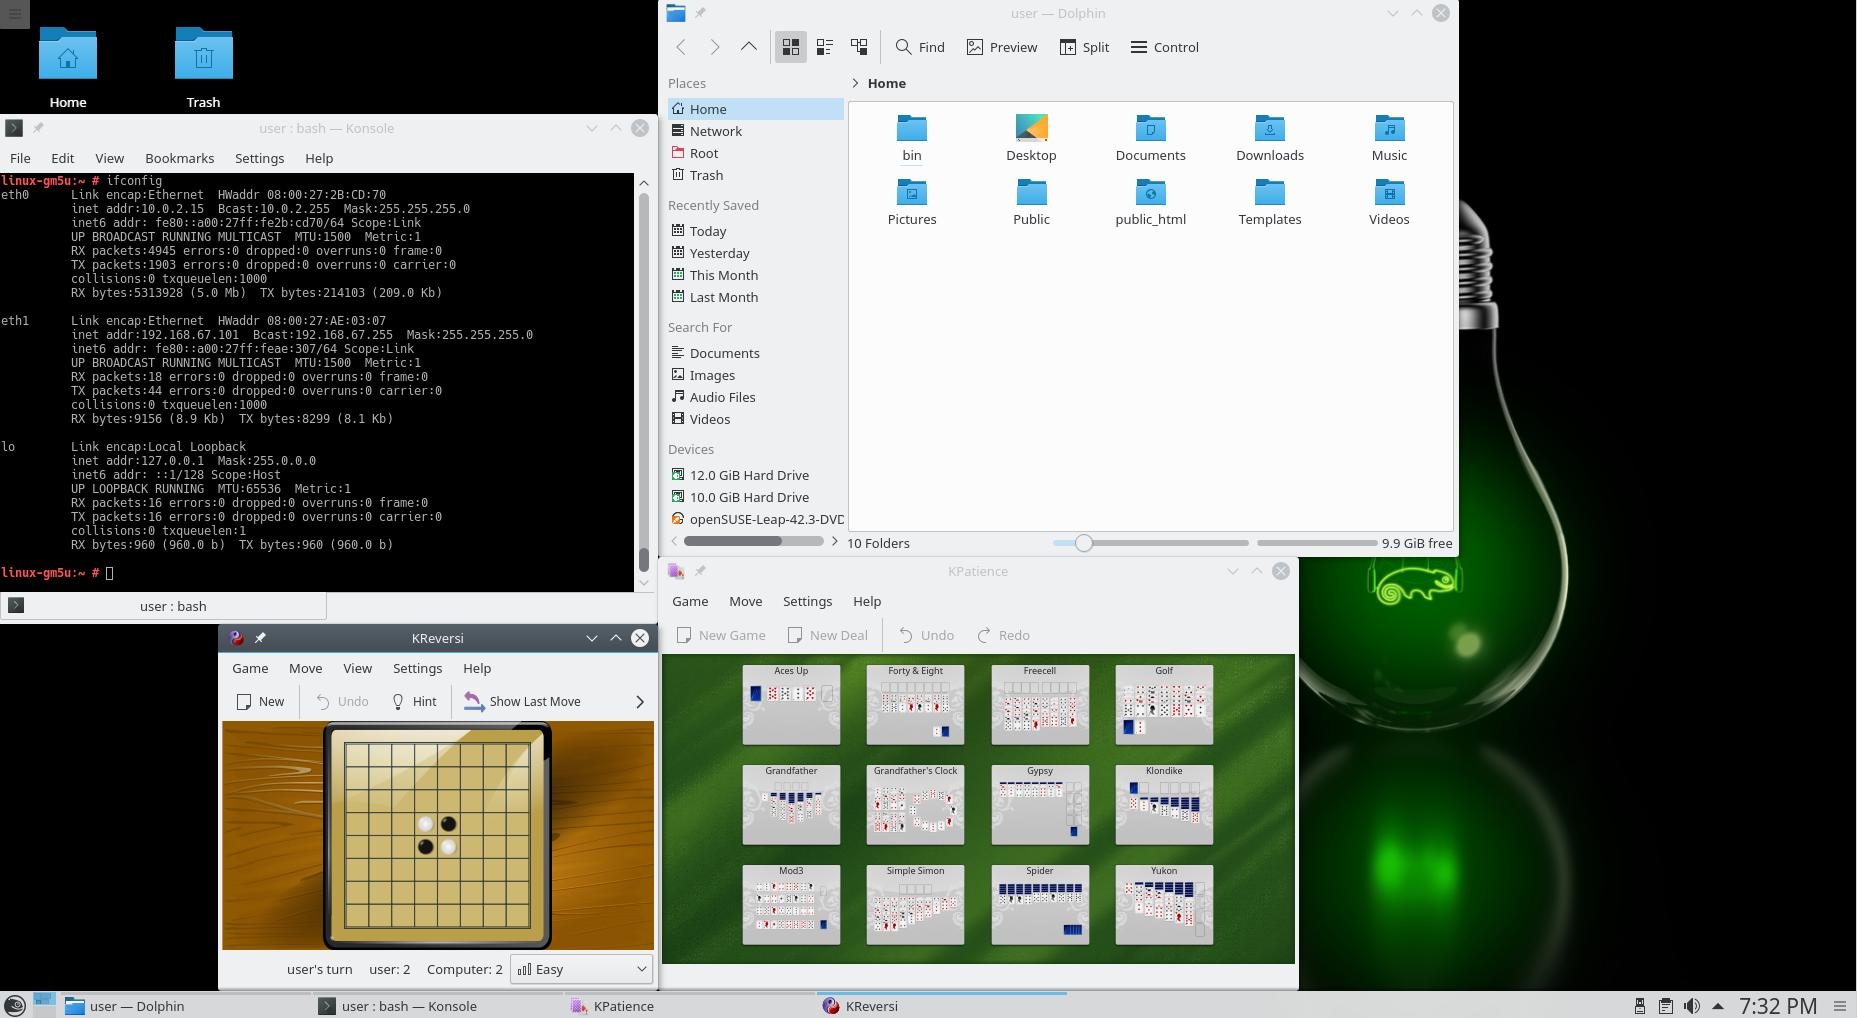 Релиз Linux-дистрибутива openSUSE 42.3 - 2